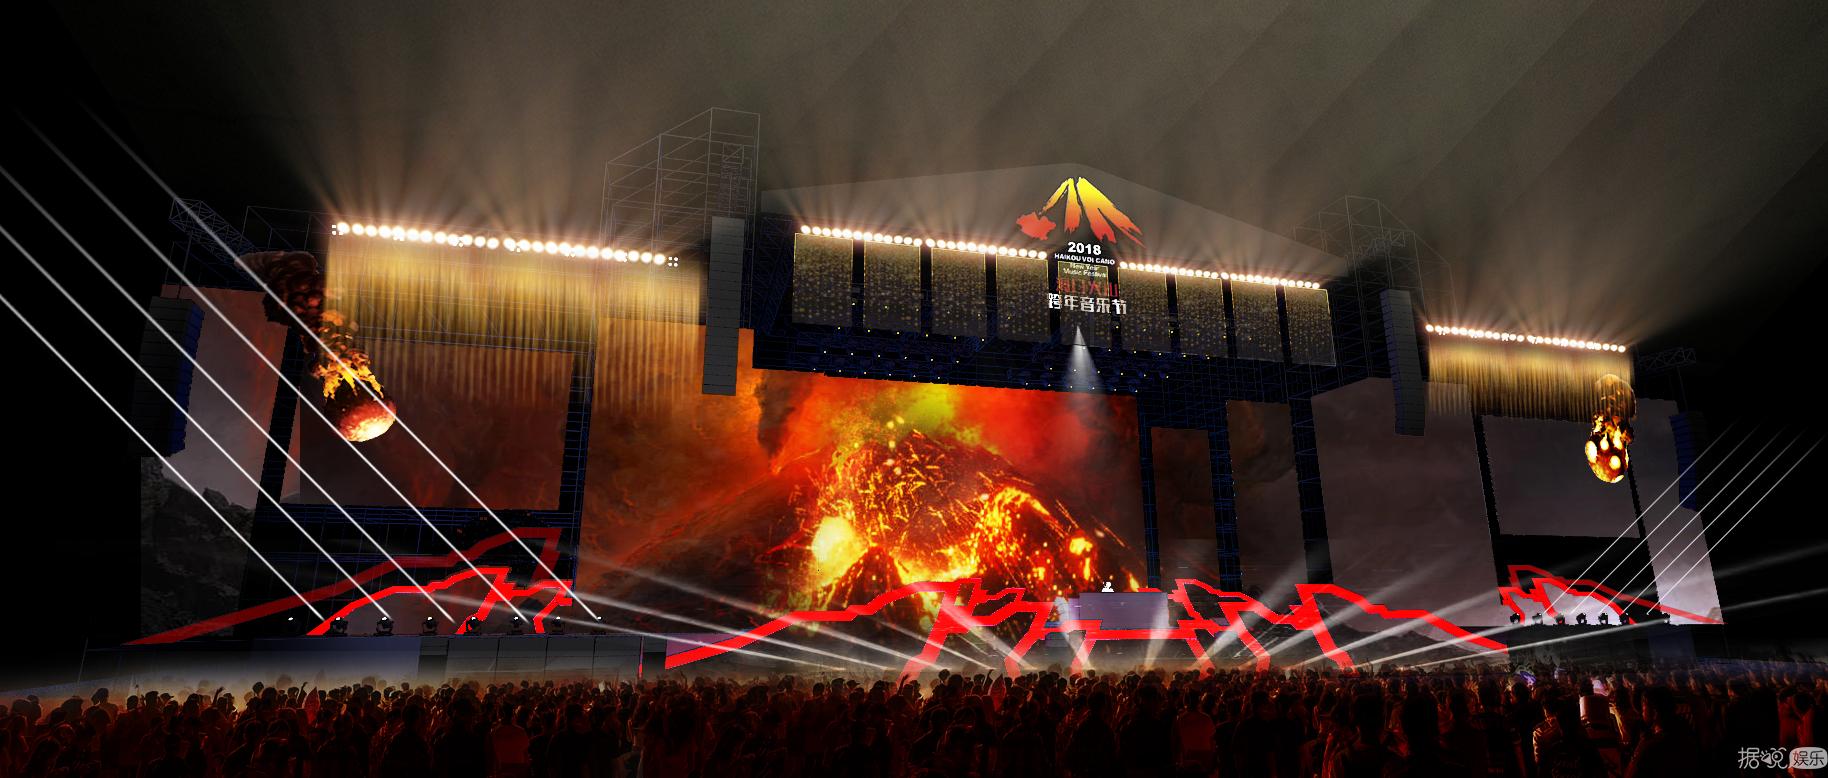 海口跨年火山音乐节相约不一年的跨年新生活!